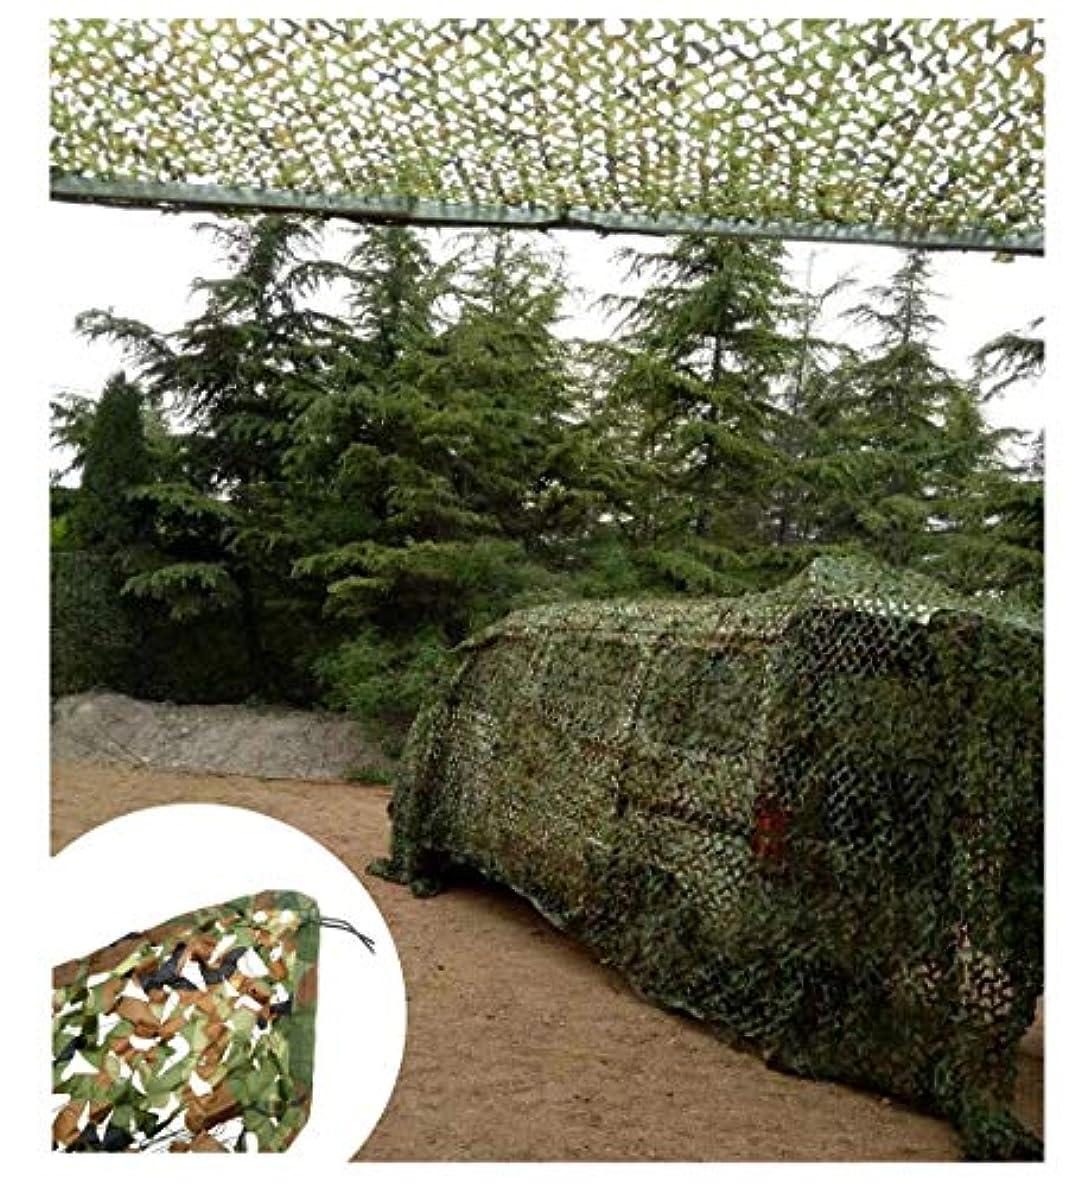 セクションロックサイレングリーン迷彩ネット、2 M X 3 M陸軍軍用狩猟森林迷彩ネット、屋外の太陽、テーマパーティーの装飾、カーカバー迷彩ネット、オプションのマルチサイズ (Size : 4*20M(13.1*65.6ft))